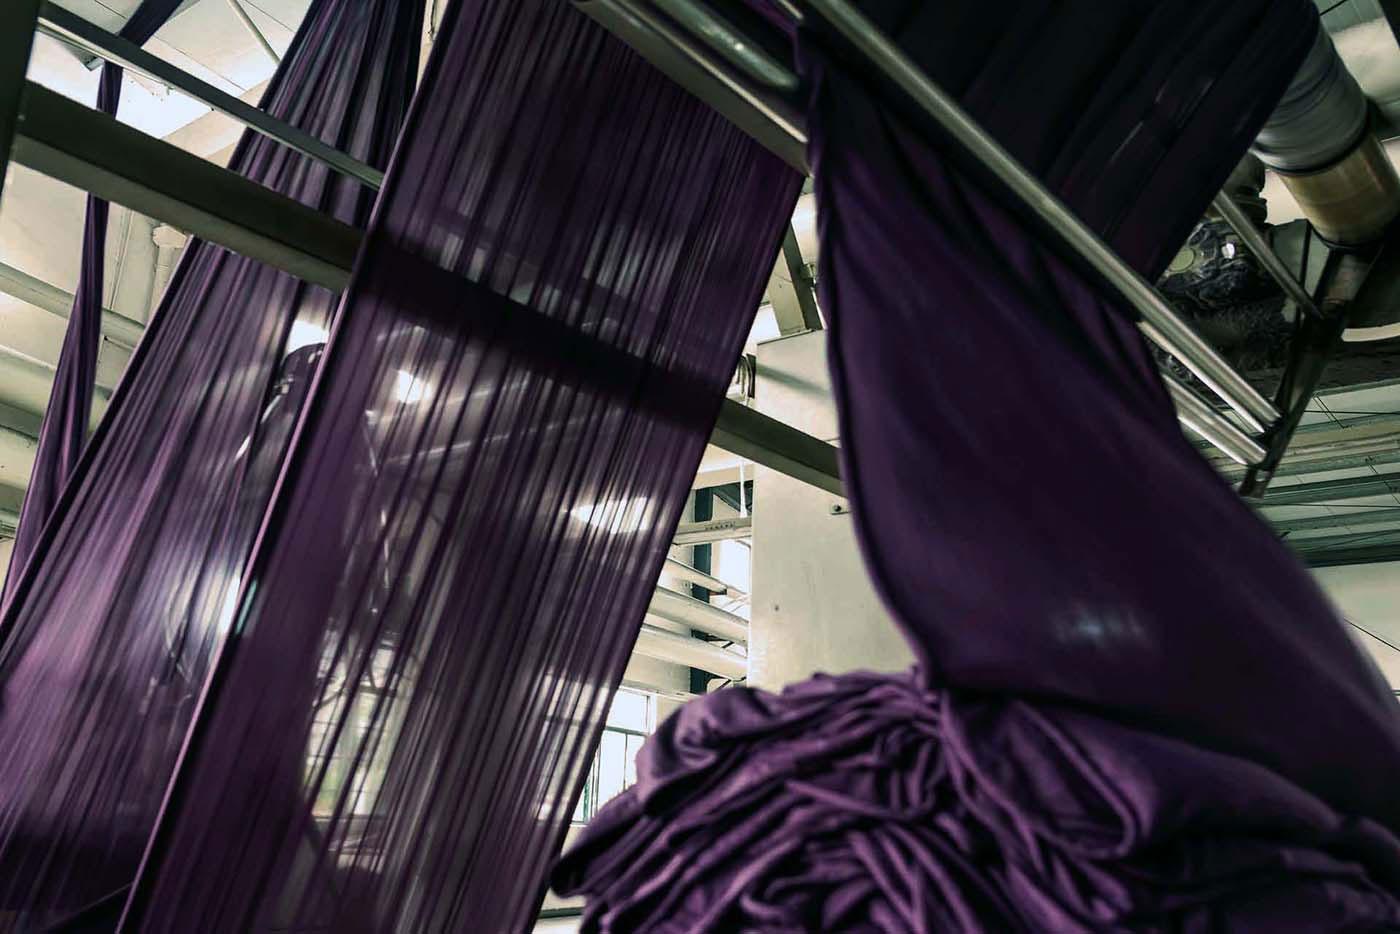 erp fabricacion textil calzado